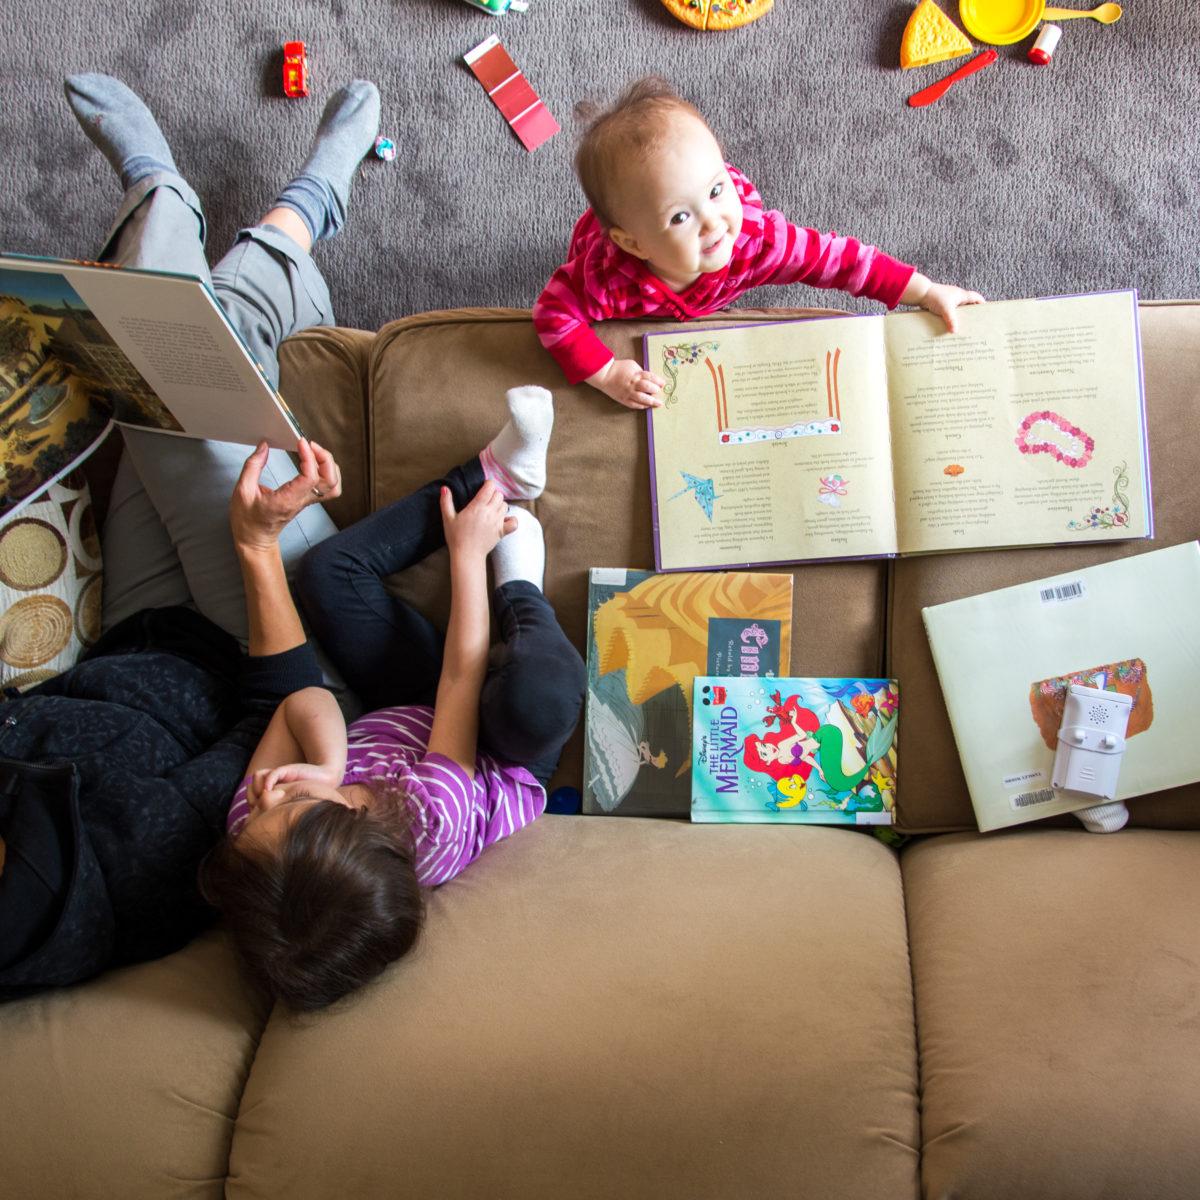 familia leyendo cuentos en casa